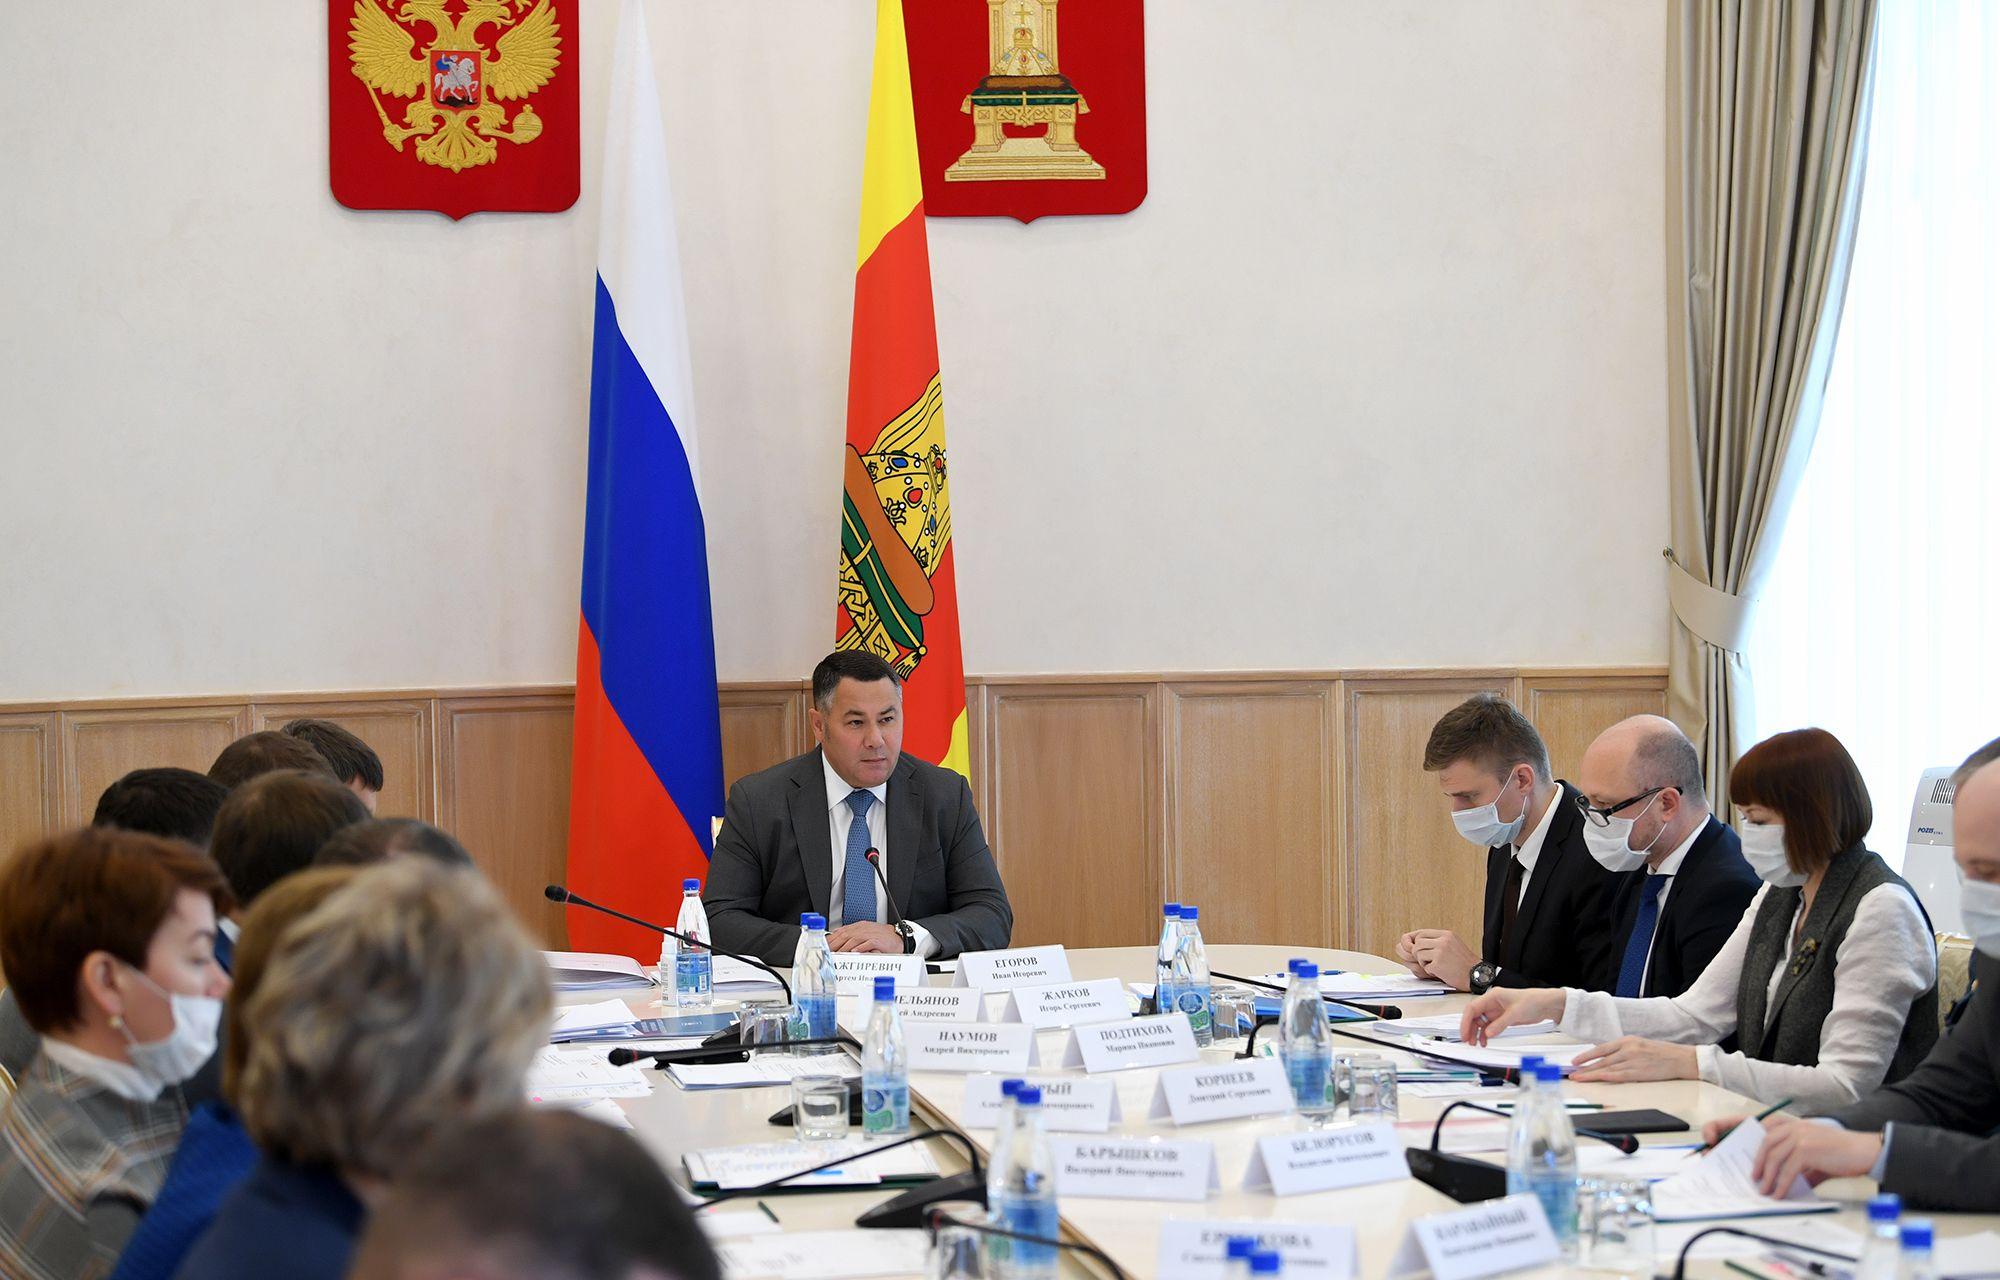 В Тверской области обсудили социально-экономическое развитие региона